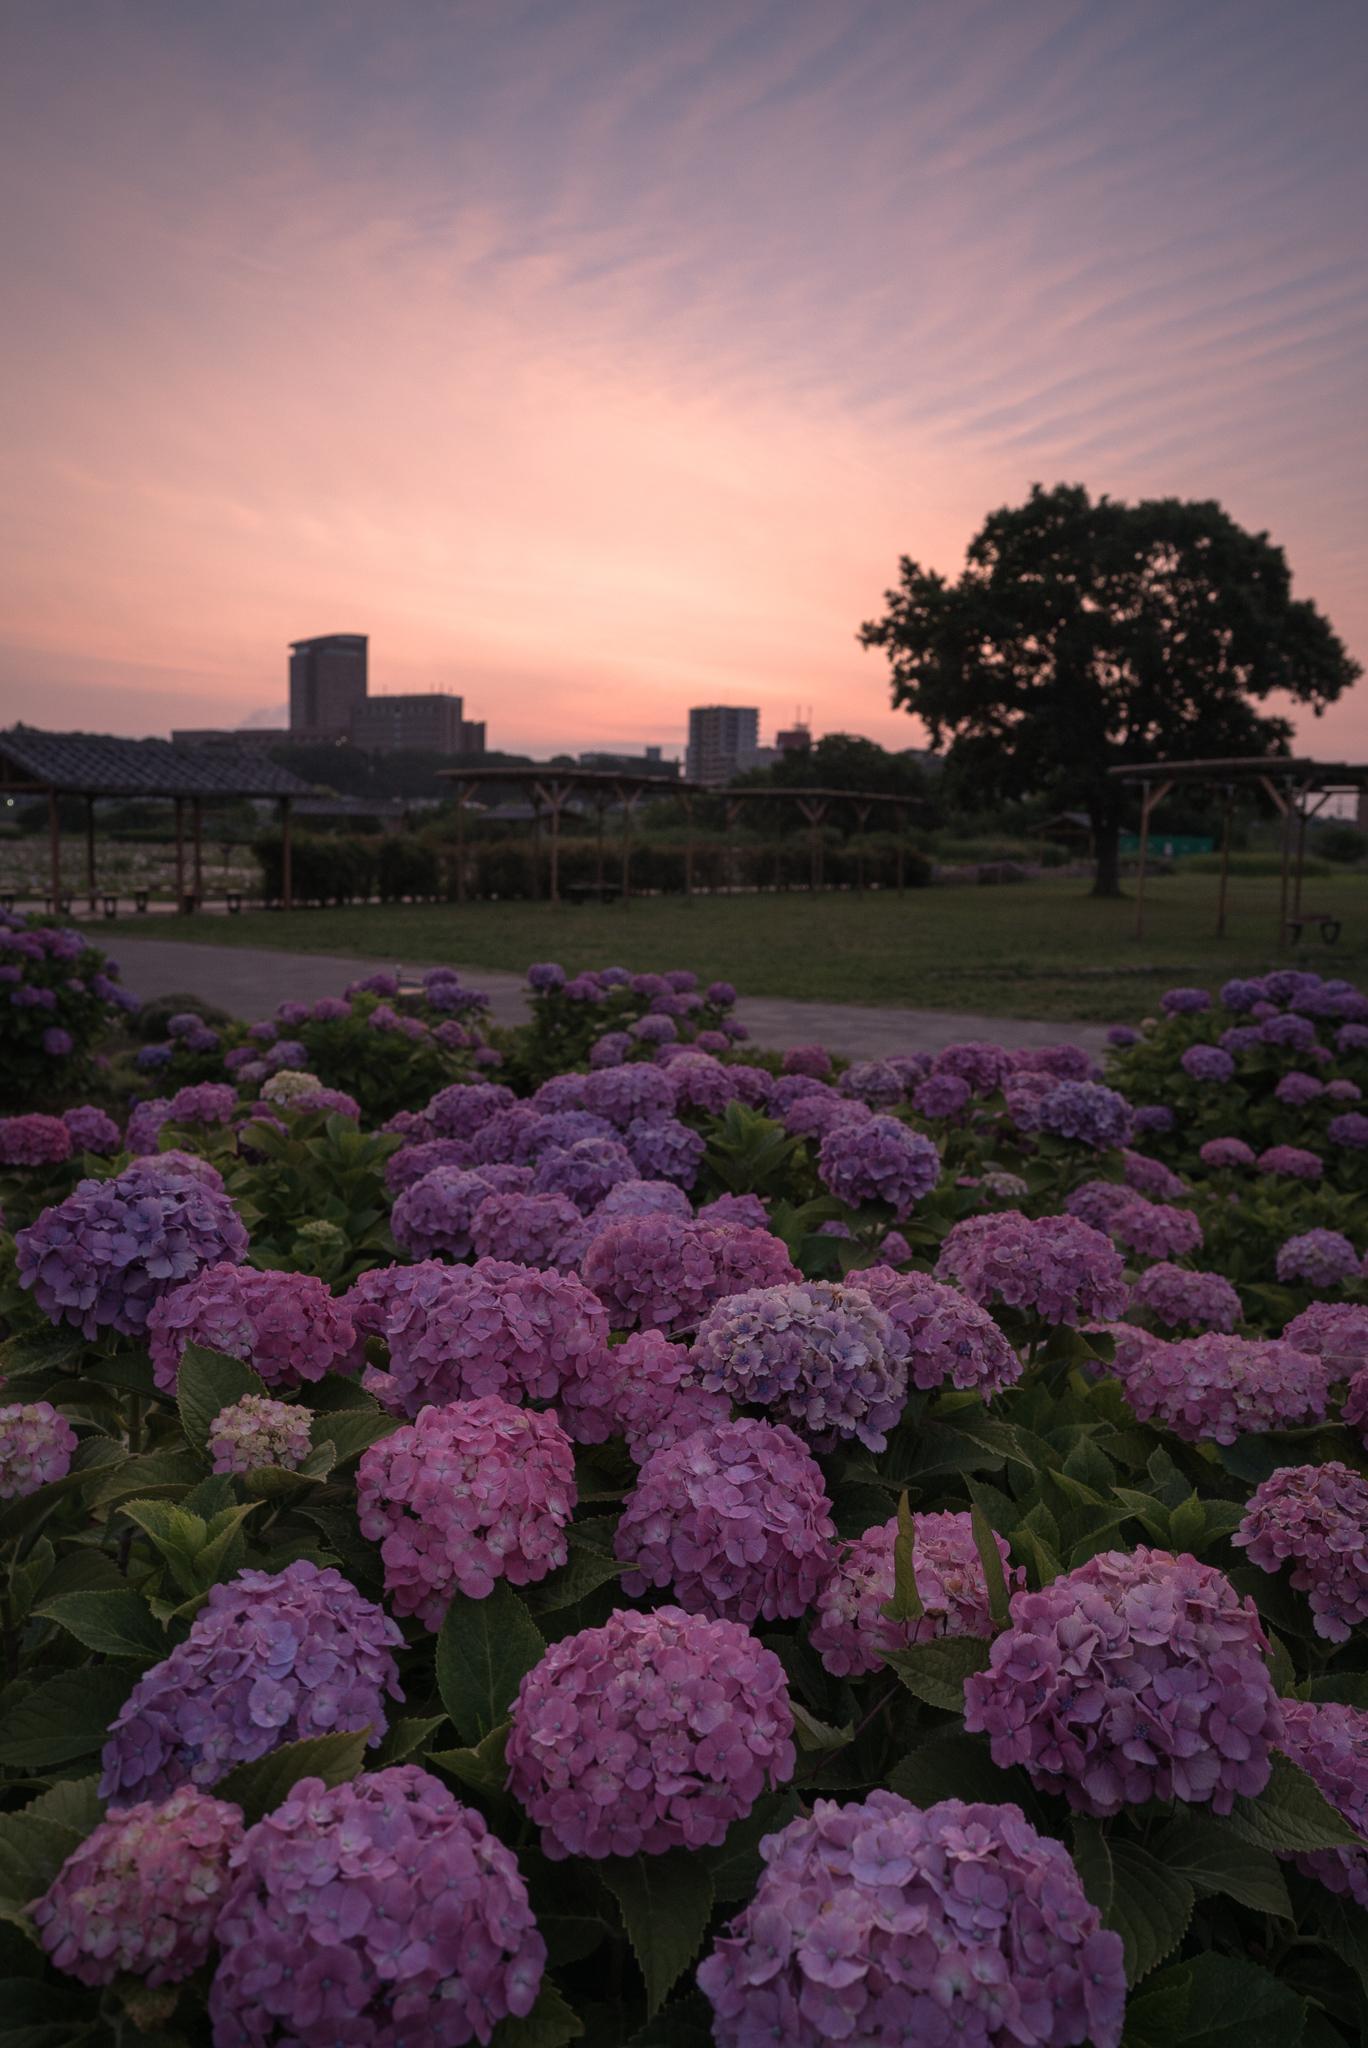 朝焼けと紫陽花 小岩菖蒲園にて